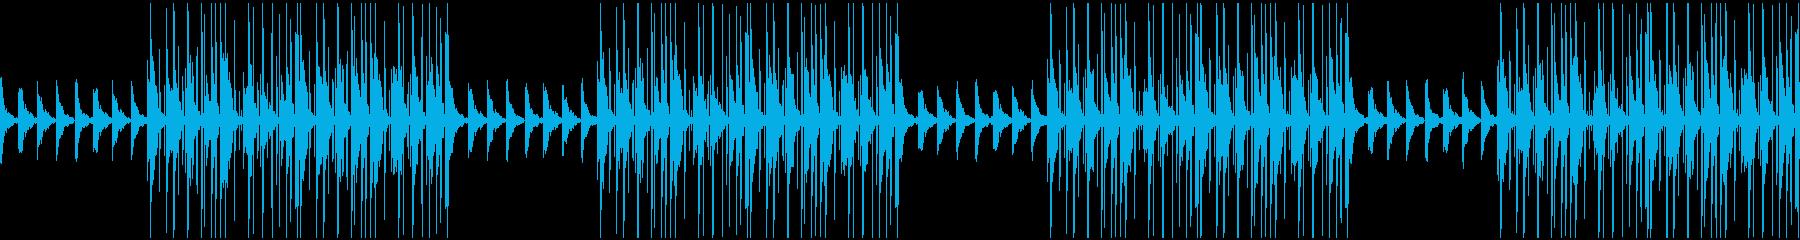 最先端なシンプルトラップの再生済みの波形